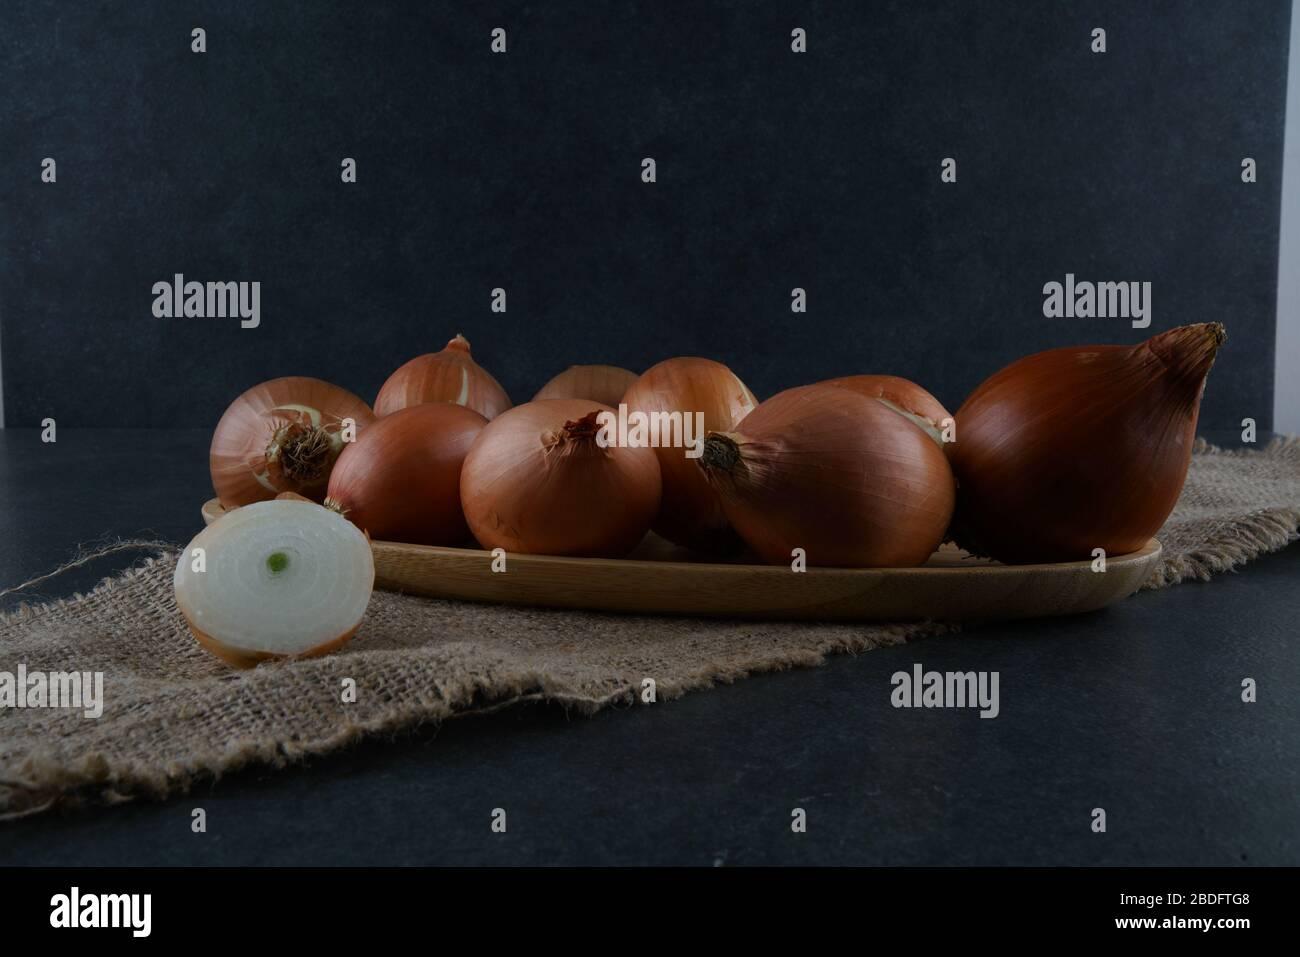 Un gruppo di cipolle su sfondo scuro Foto Stock